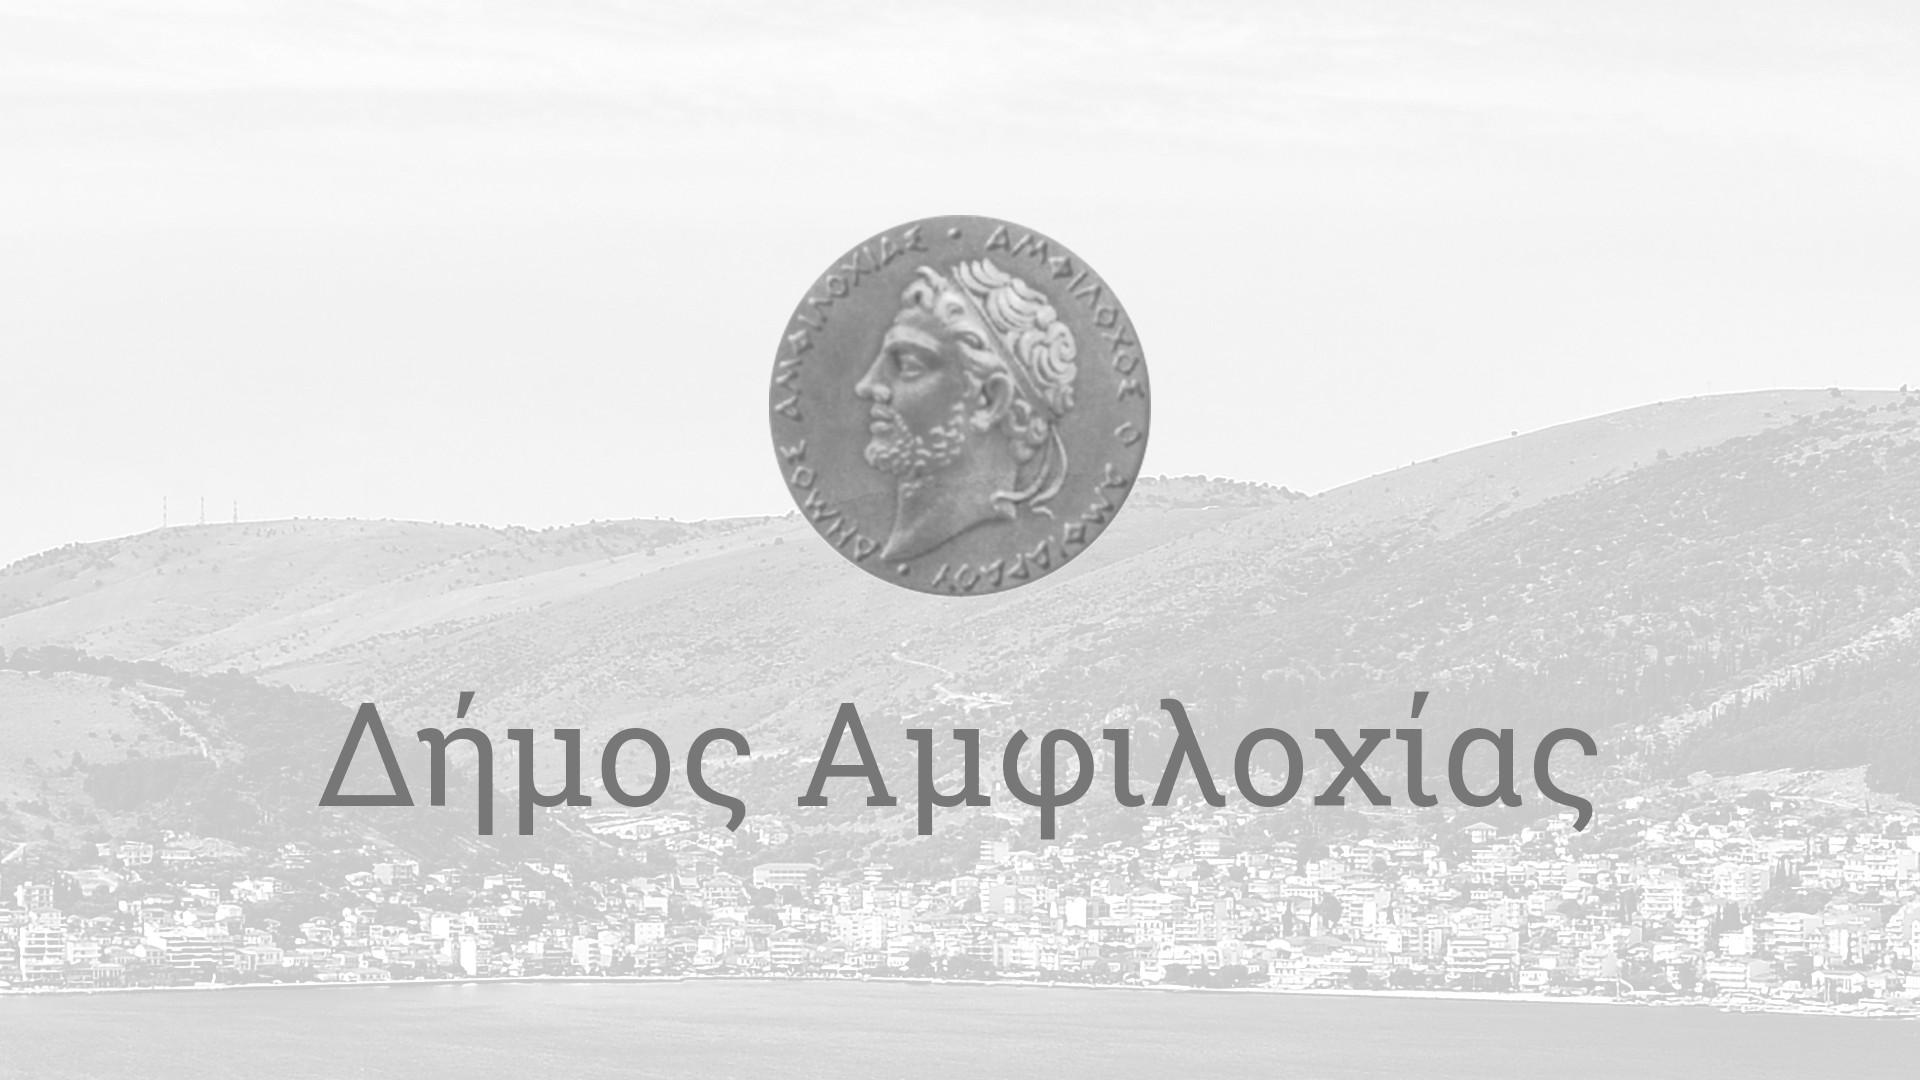 Δήμος Αμφιλοχίας